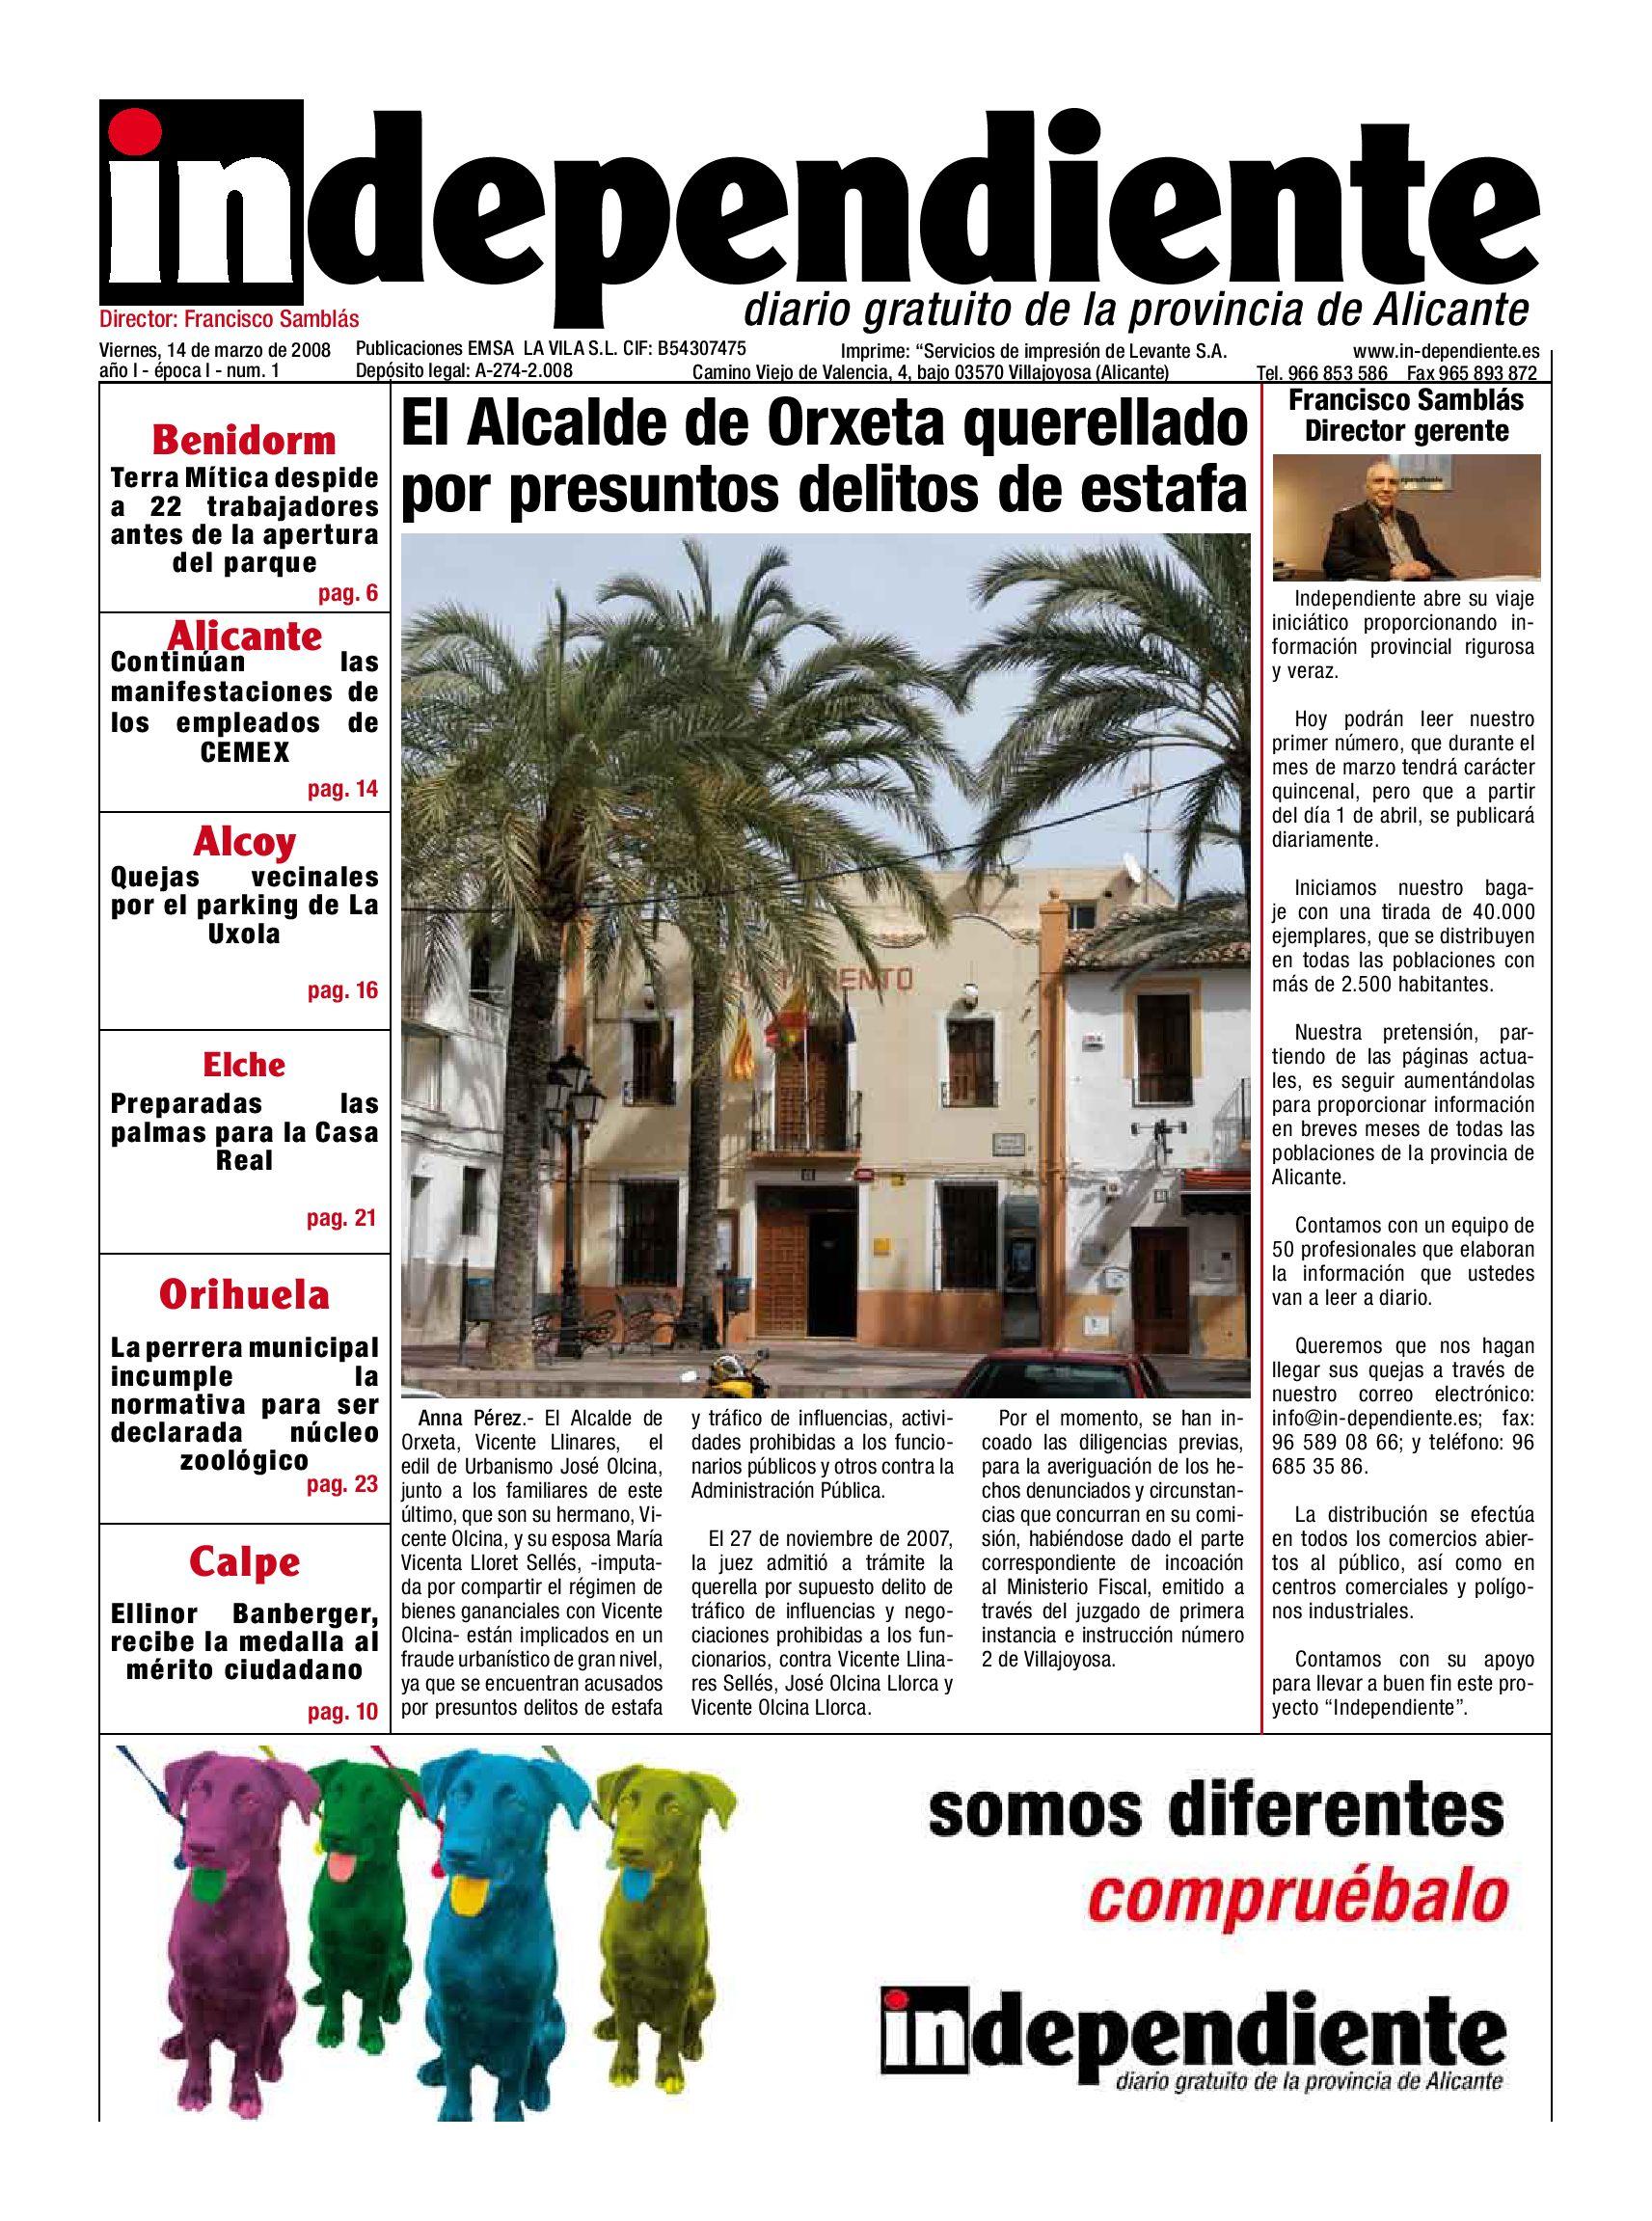 Independiente nº 1 by independiente - issuu